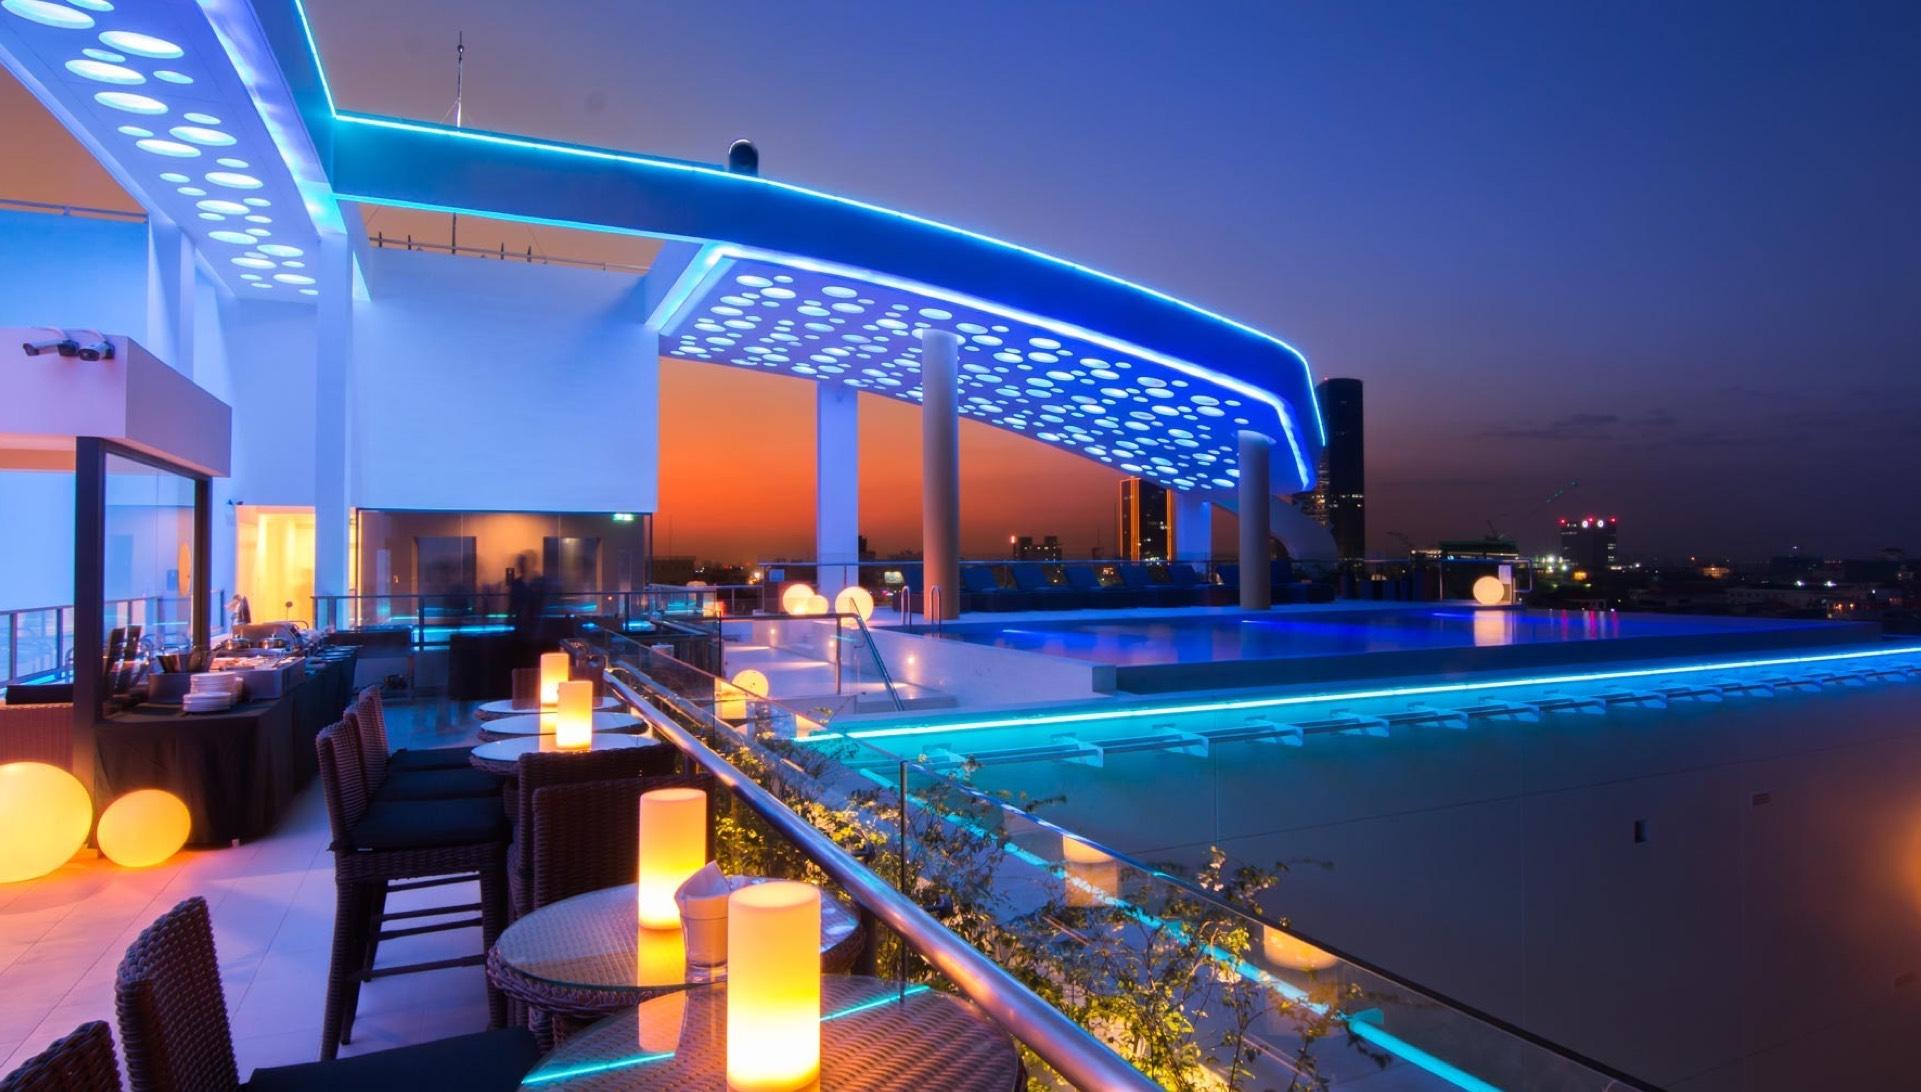 Sun & Moon, Urban Hotel | MISE World Luxury Hotel Awards